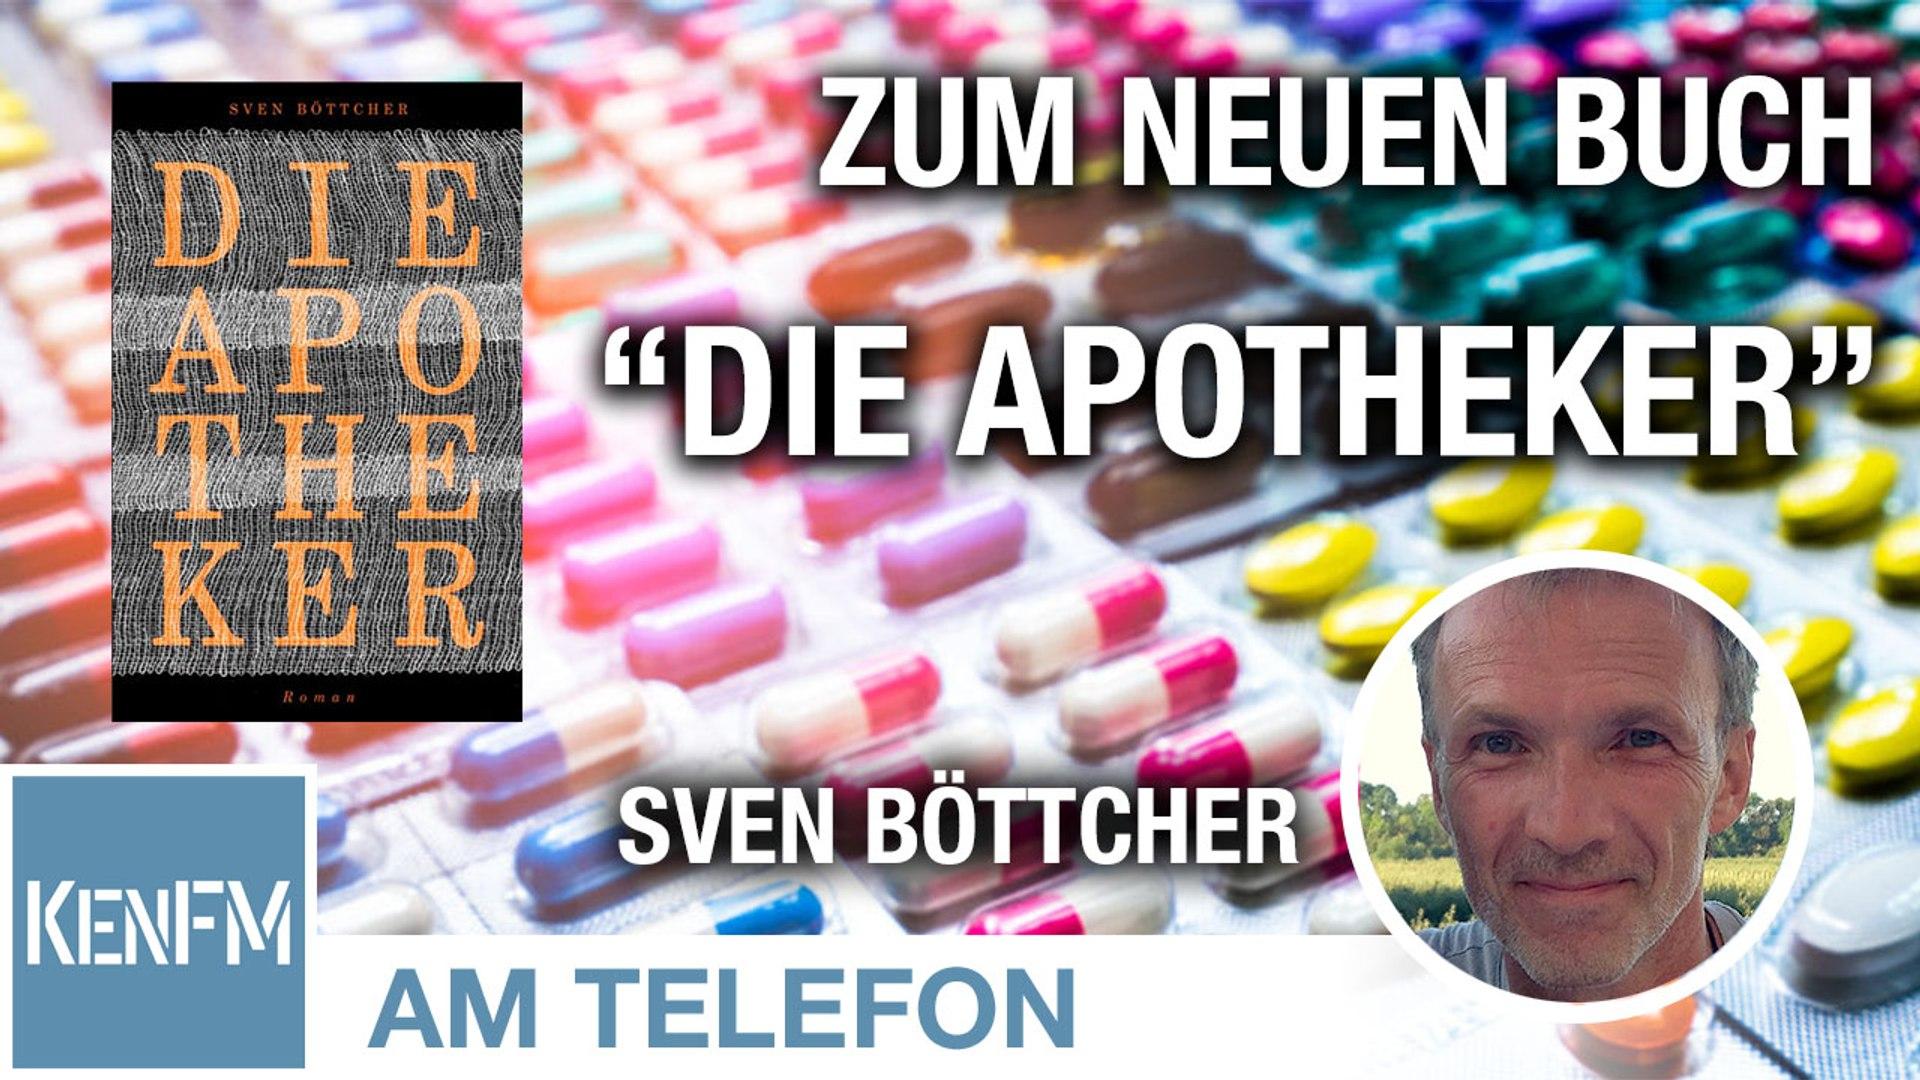 """Am Telefon zum neuen Buch """"Die Apotheker"""": Sven Böttcher"""